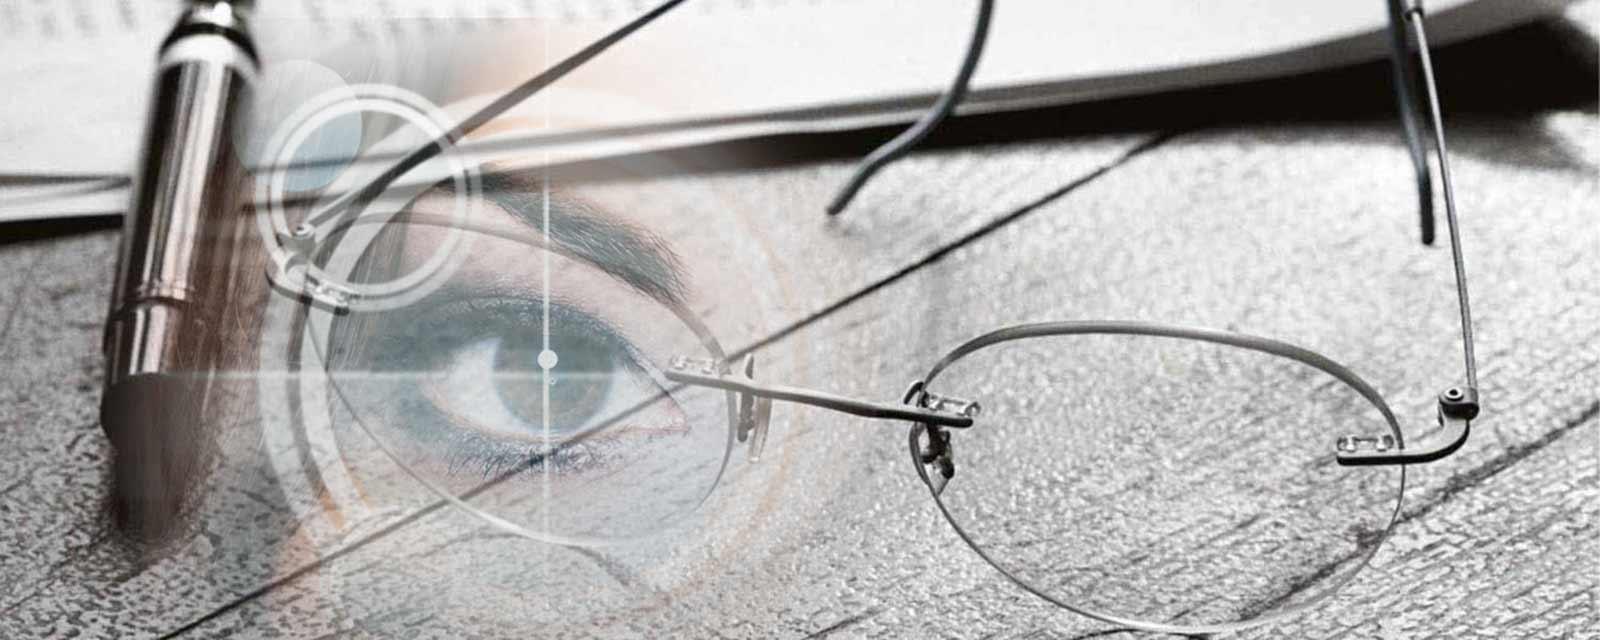 70140d3aee ΟΠΤΙΚΑ φακοί γυαλιών οράσεως ΔΩΡΕΑΝ - Eye-Shop